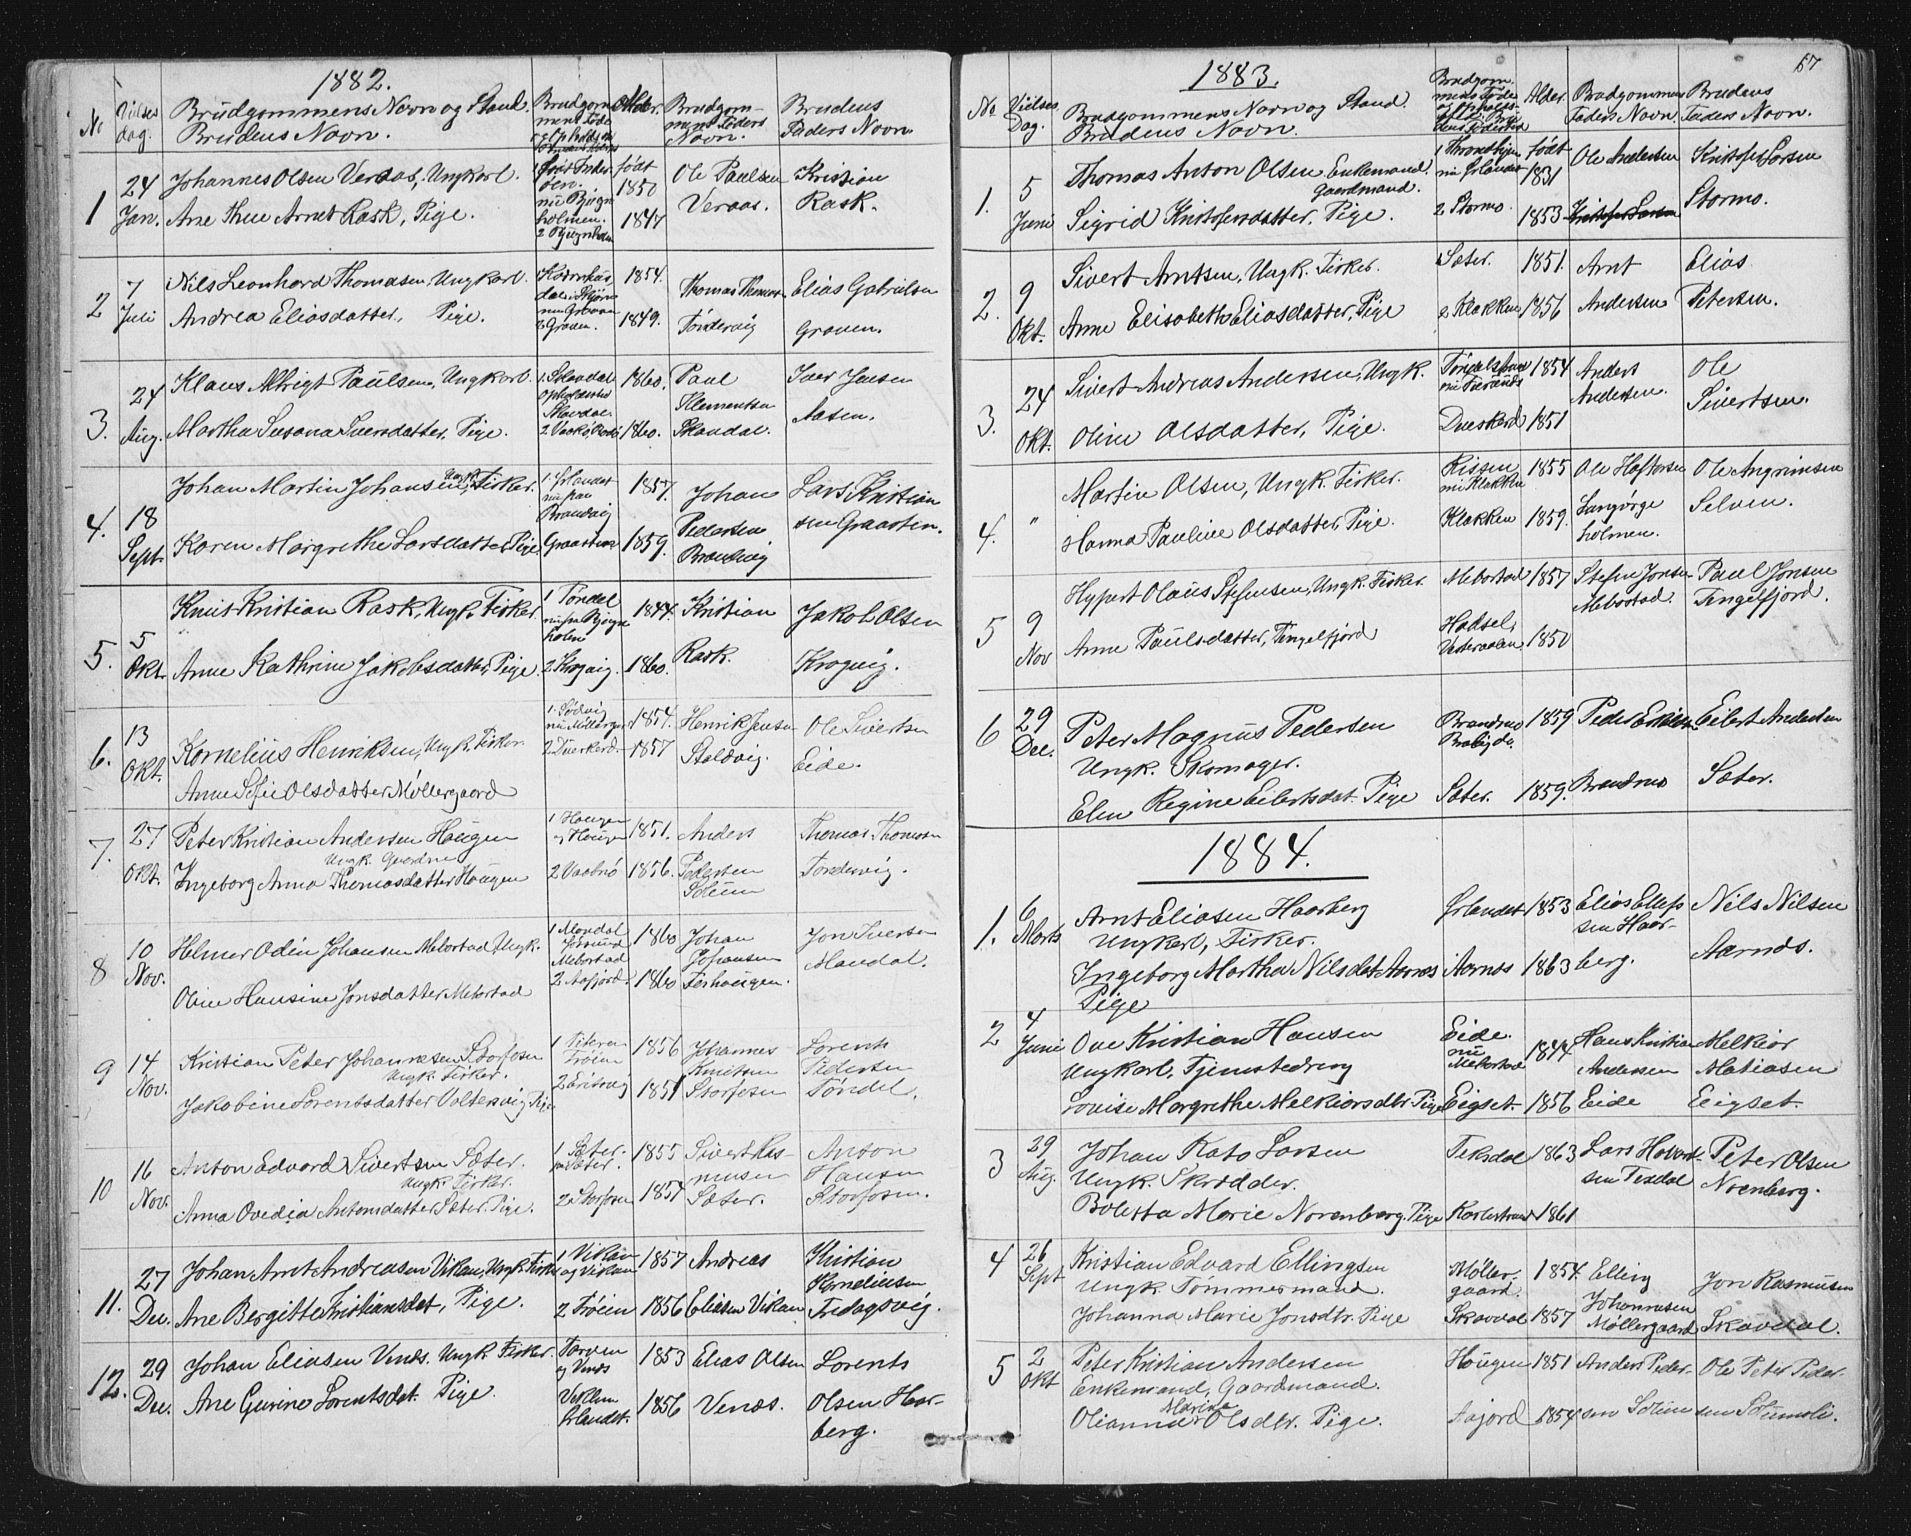 SAT, Ministerialprotokoller, klokkerbøker og fødselsregistre - Sør-Trøndelag, 651/L0647: Klokkerbok nr. 651C01, 1866-1914, s. 67